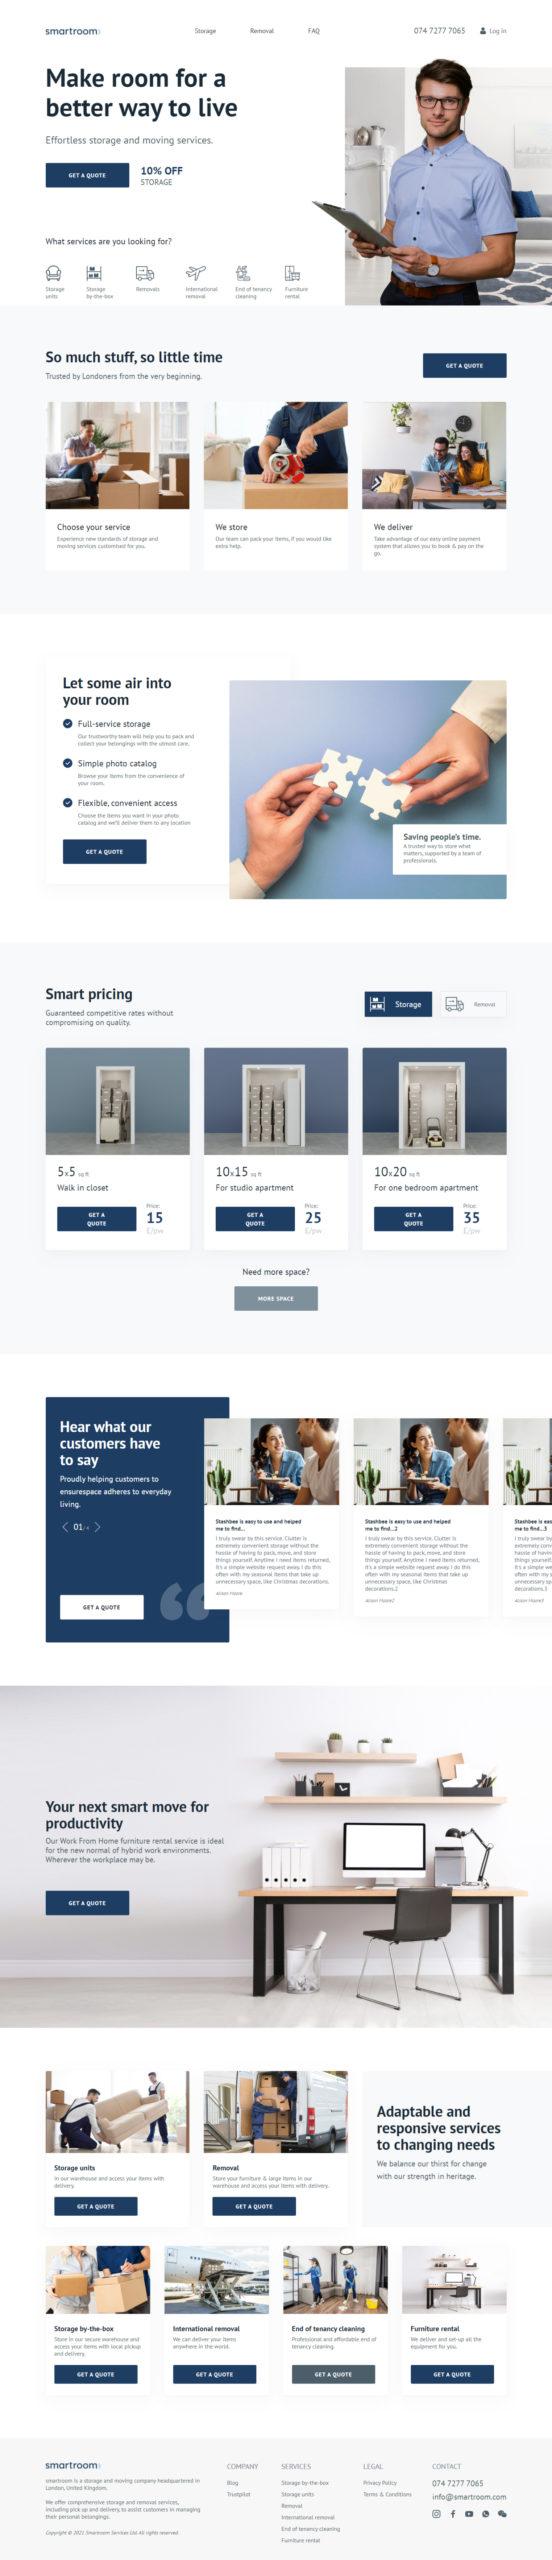 Сайт сервиса переезда и хранения.